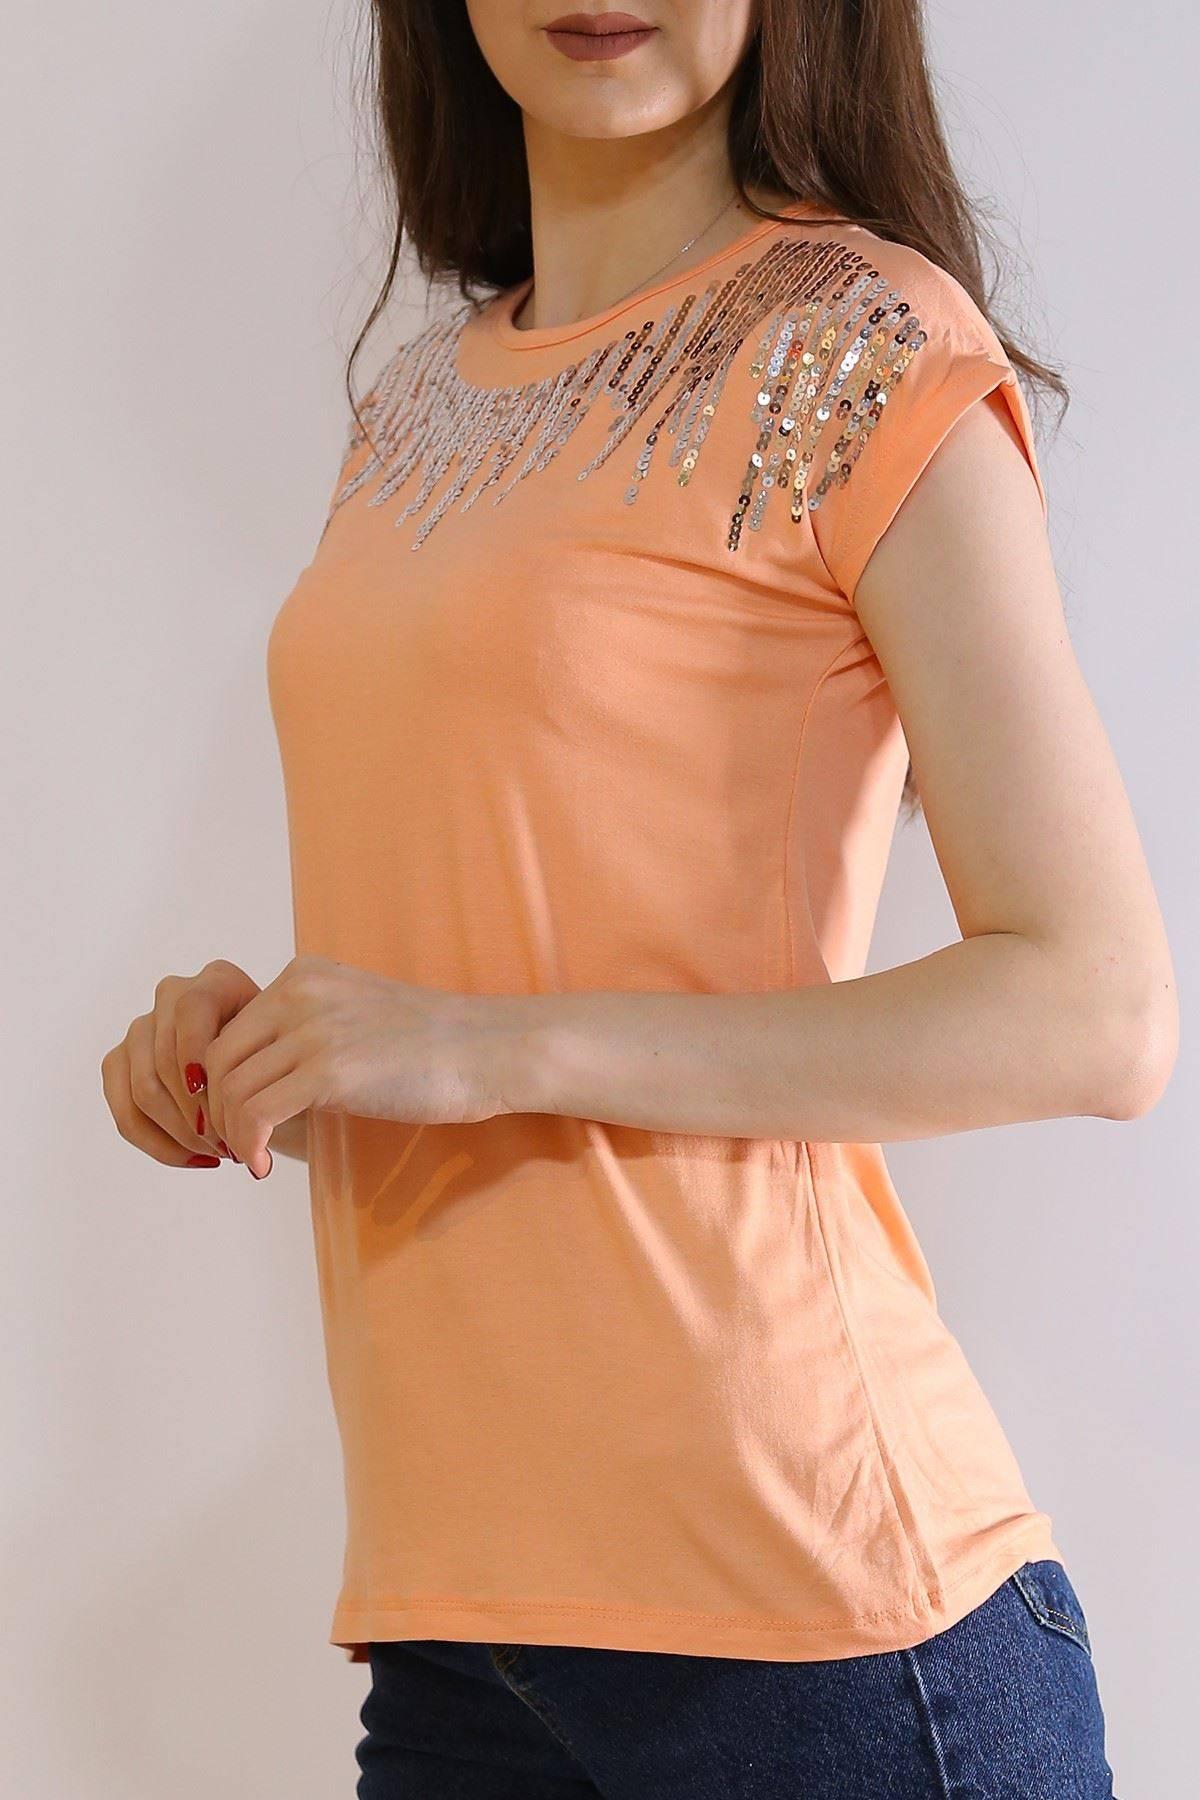 Pullu Tişört Yavruağzı - 6007.139.